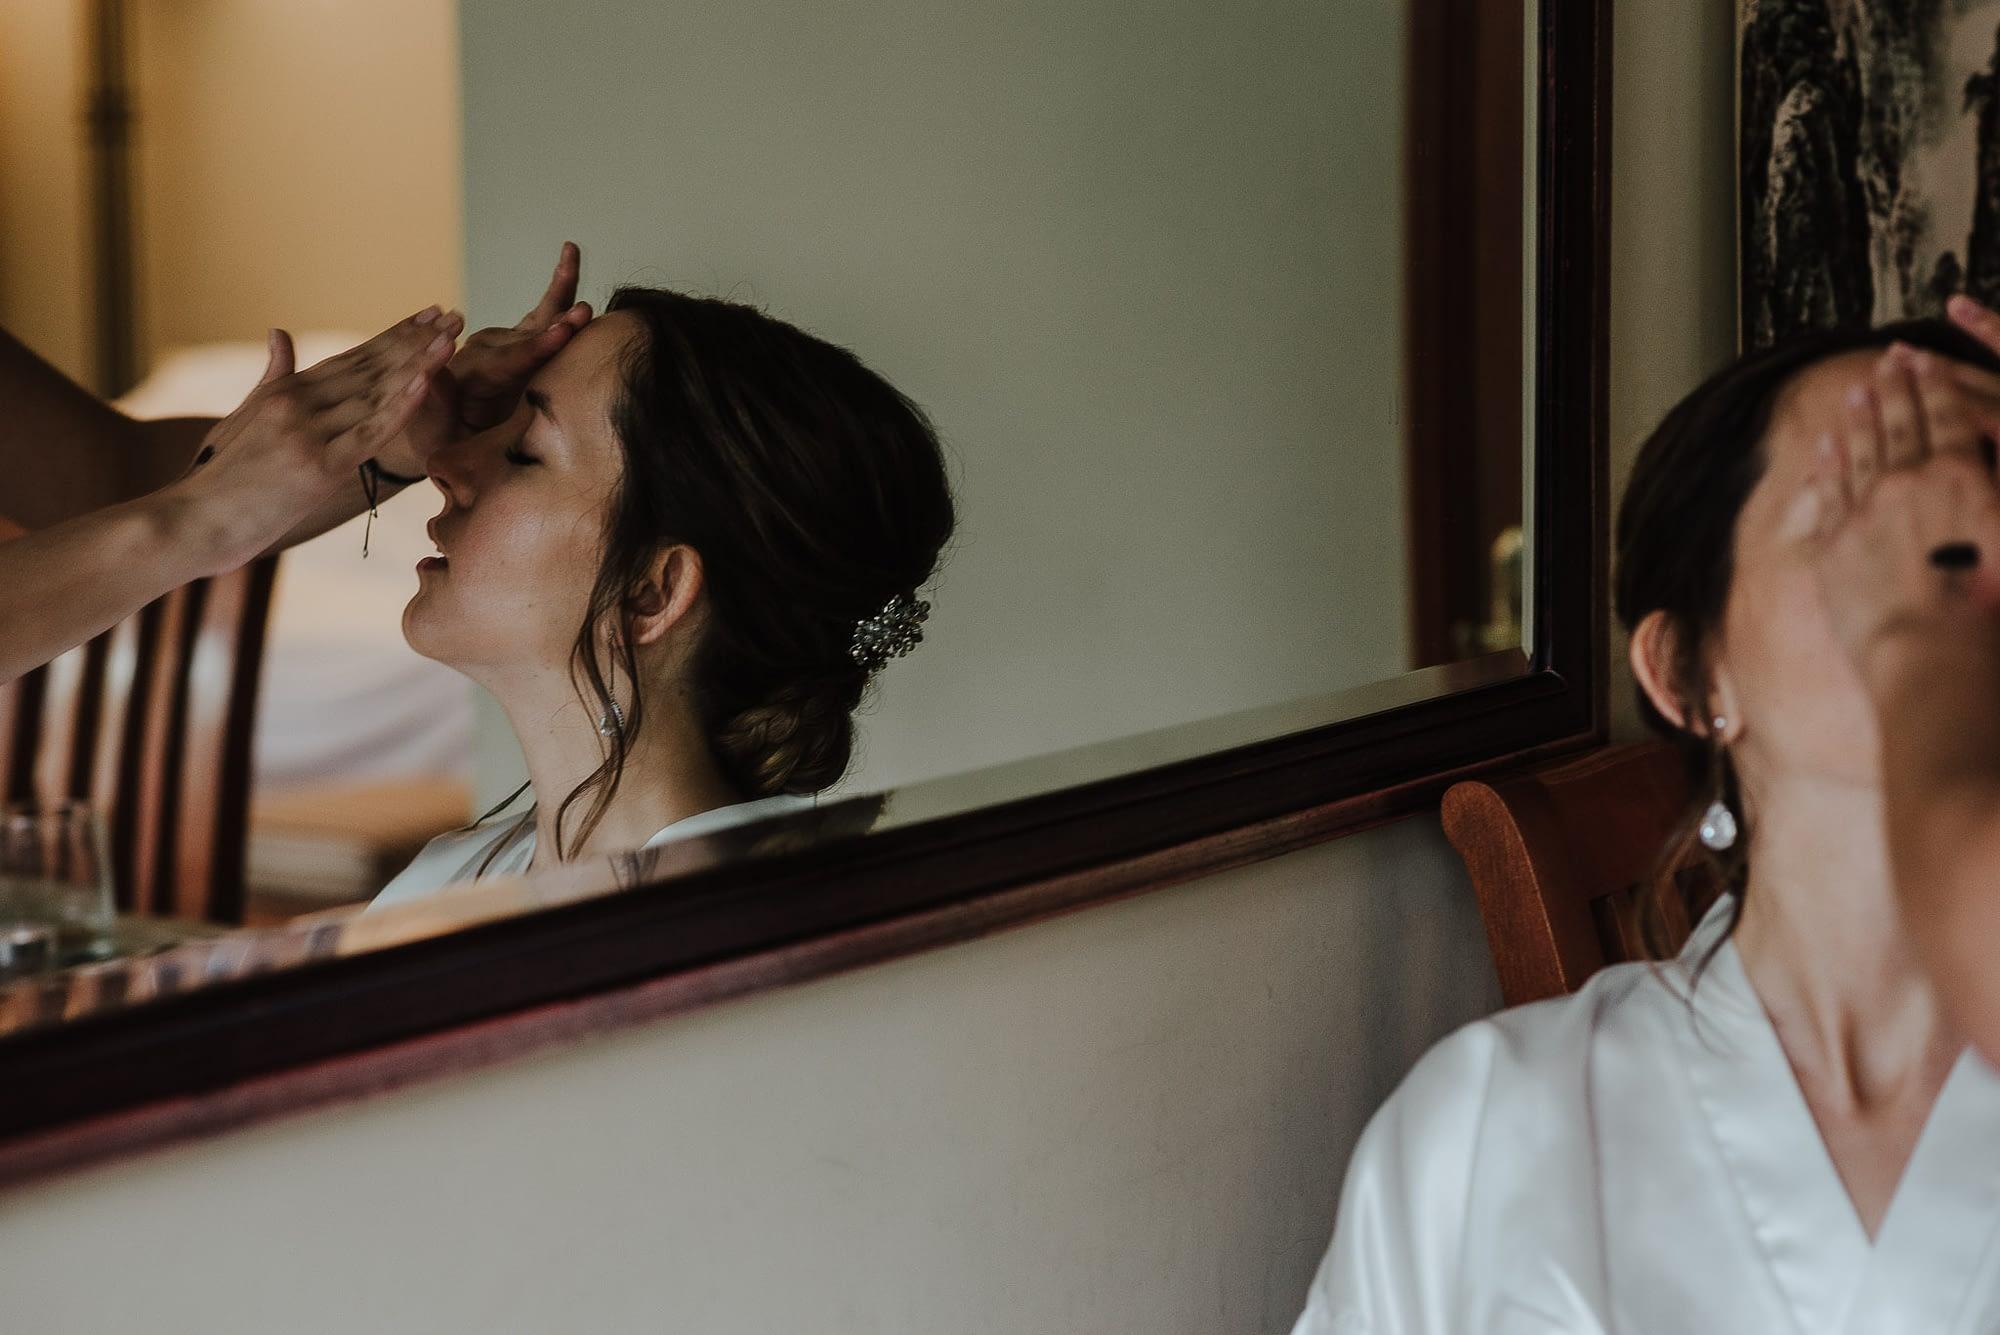 fotografo de matrimonios-preparativos novia-novia-make up